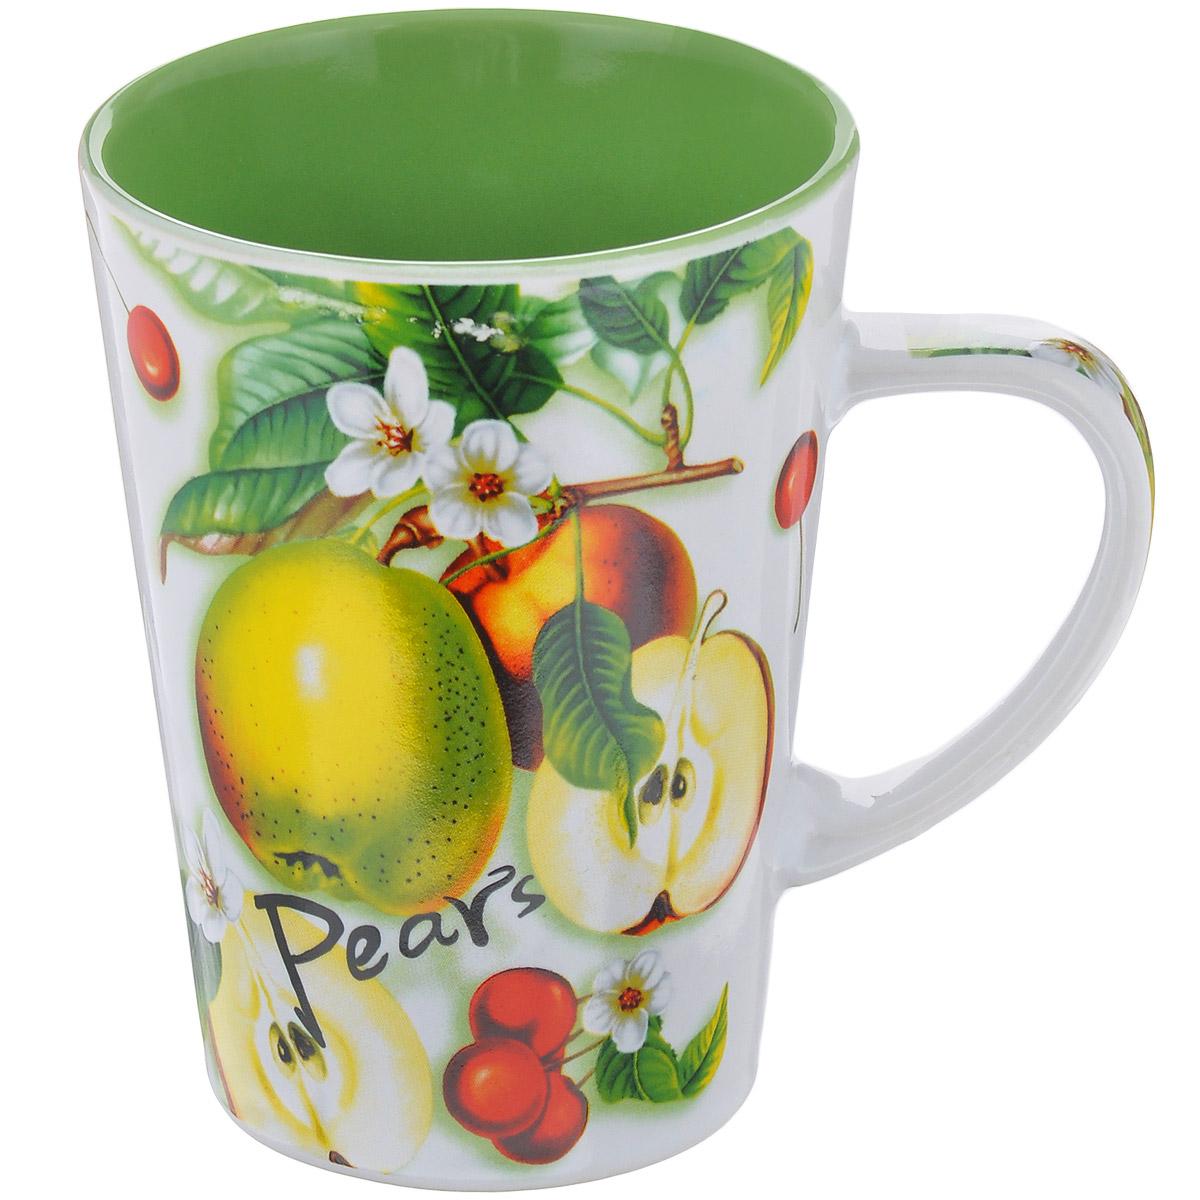 Кружка Дюшес, 365 мл115510Кружка Дюшес выполнена из высококачественной керамики. Изделие оформлено красочным изображением фруктов. Кружка отличается практичностью и высоким качеством. Кружка Дюшес принесет истинное удовольствие от чаепития. Диаметр по верхнему краю: 8,5 см. Высота 11,5 см. Объем: 365 мл.